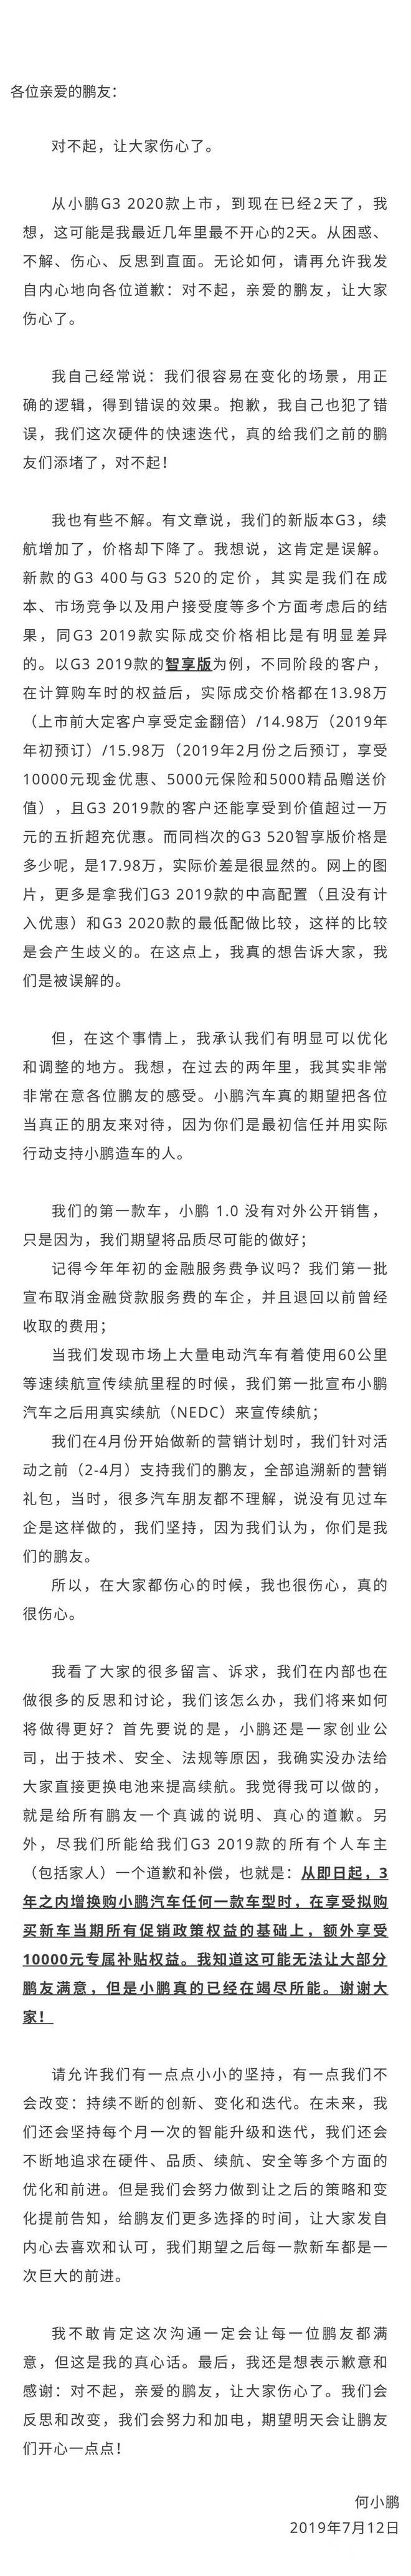 """何小鹏回应""""老用户不如狗"""":对2019款G3车主道歉"""